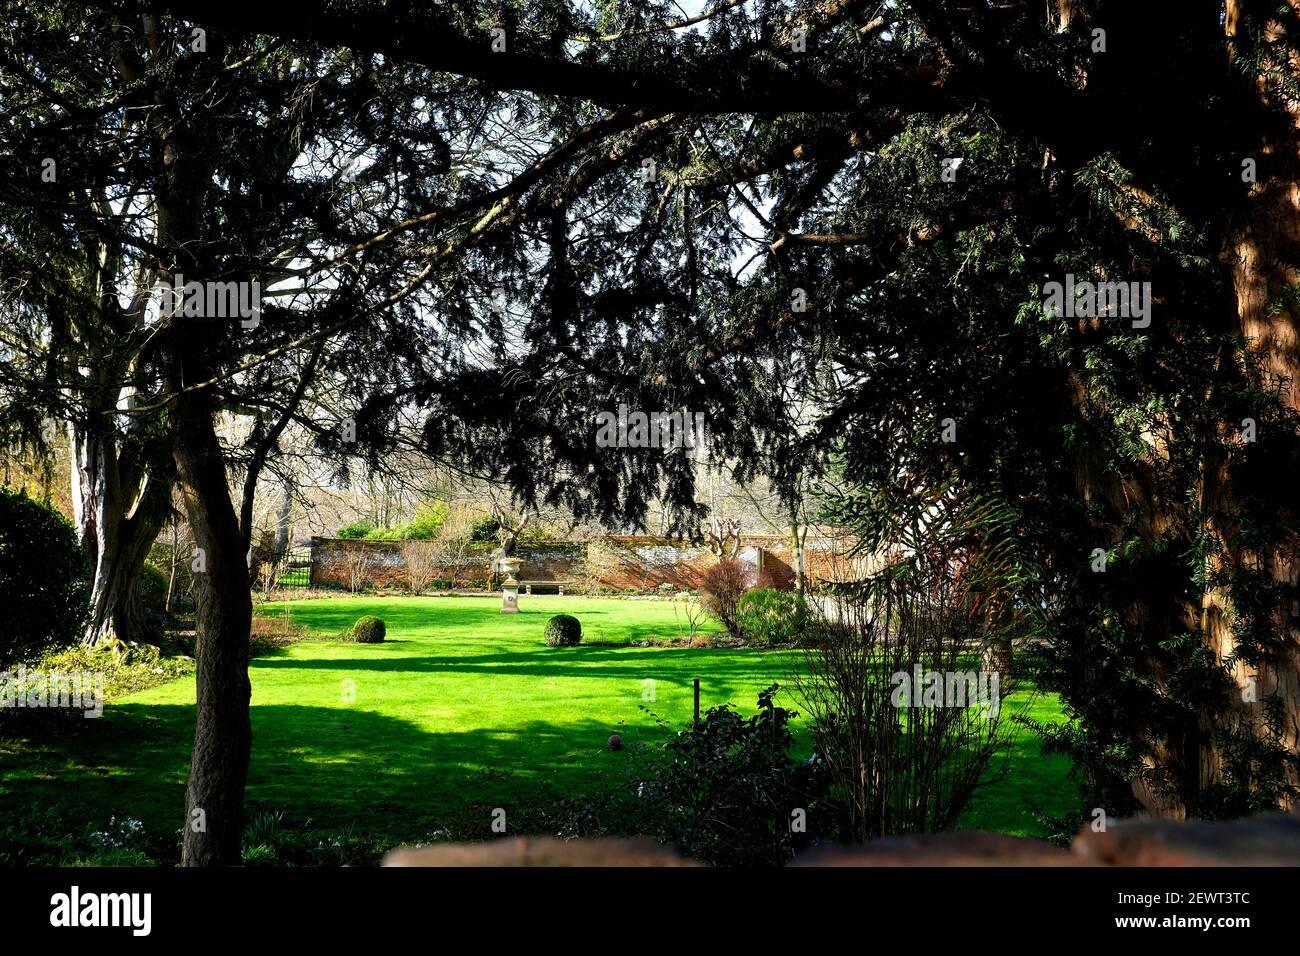 jardín privado residencial en fordwich ciudad este kent reino unido febrero 2021 Foto de stock